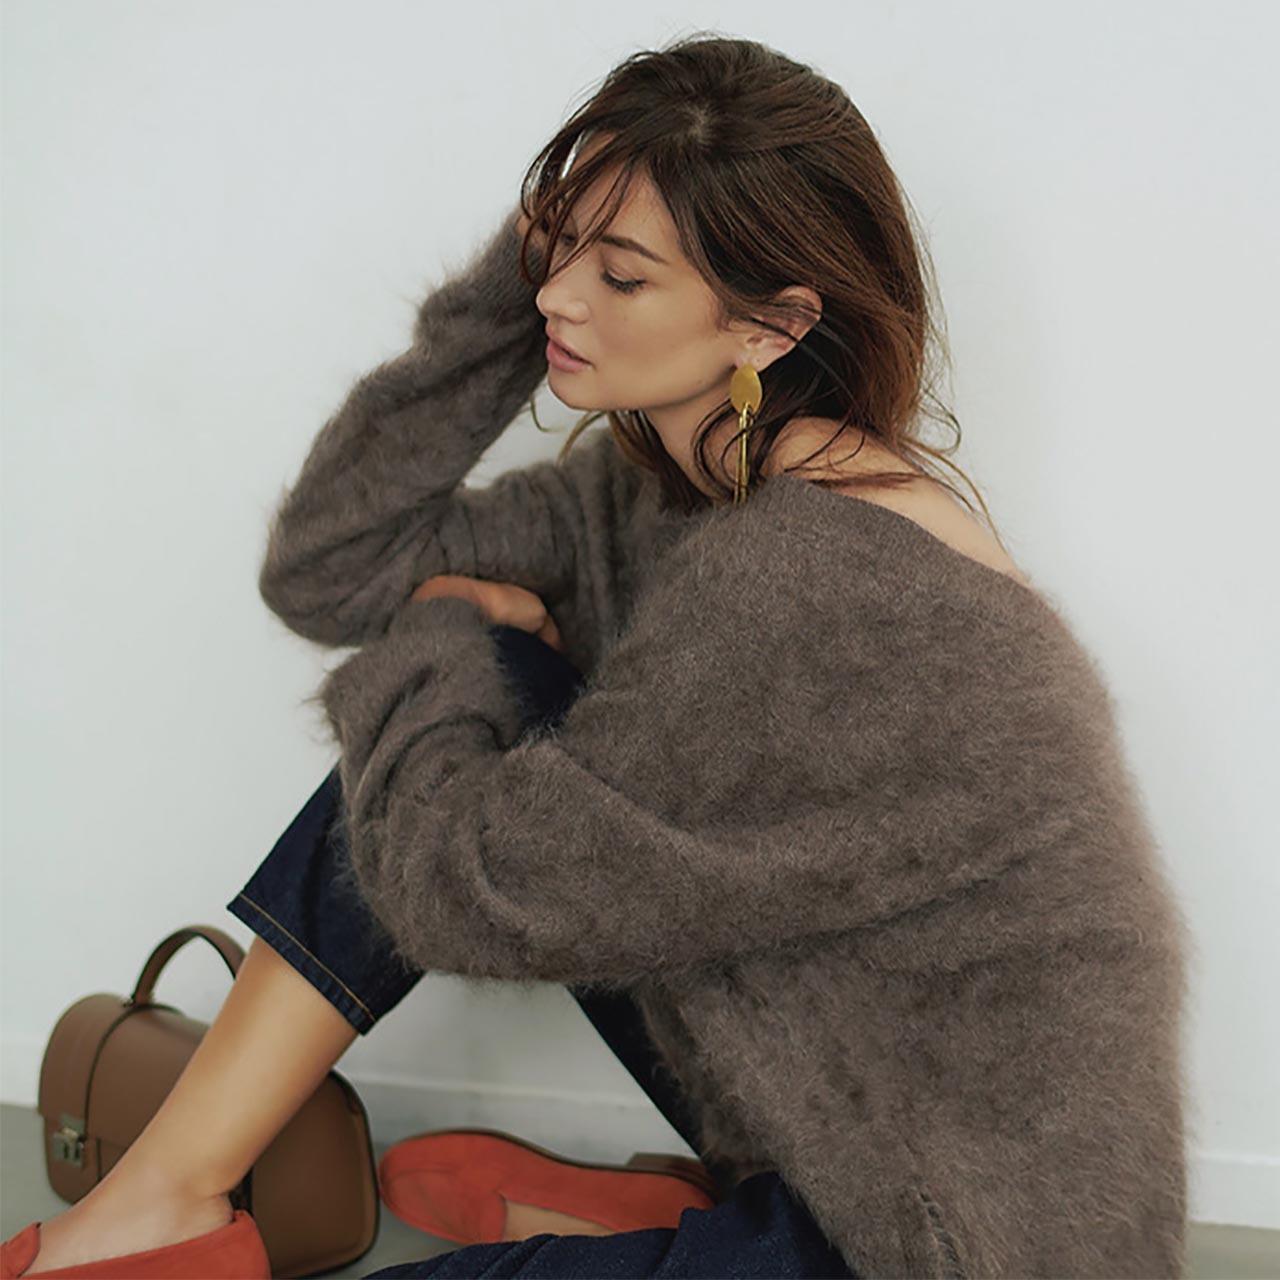 モヘアニット×ボリュームアクセ×デニムパンツコーデを着たモデルのブレンダさん